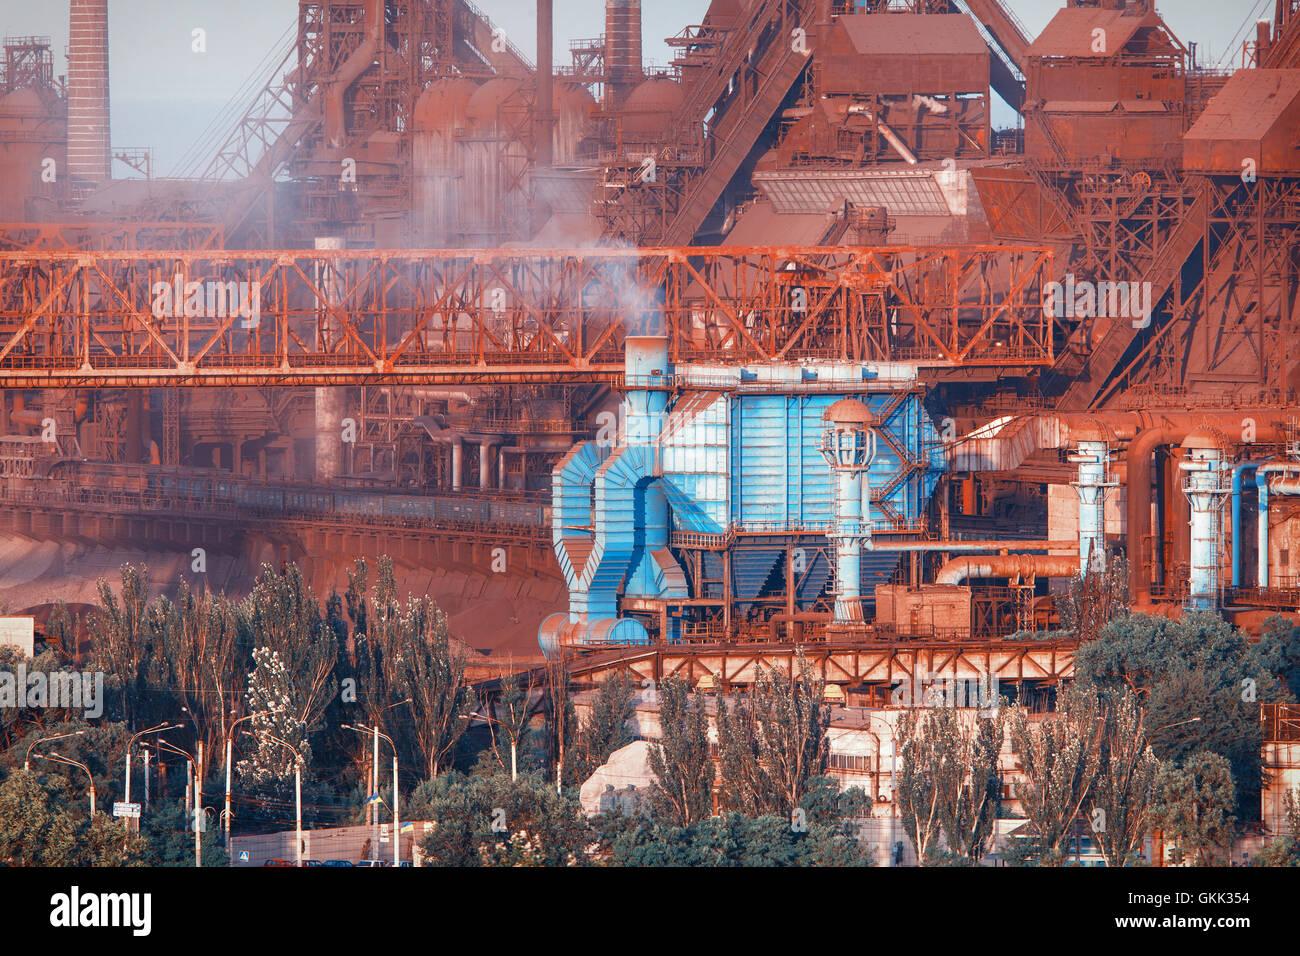 Industriebauten. Stahlwerk bei Sonnenuntergang. Rohre mit Rauch. Metallurgische Fabrik. Stahlwerke, Eisenhütte. Schwerindustrie in Stockfoto